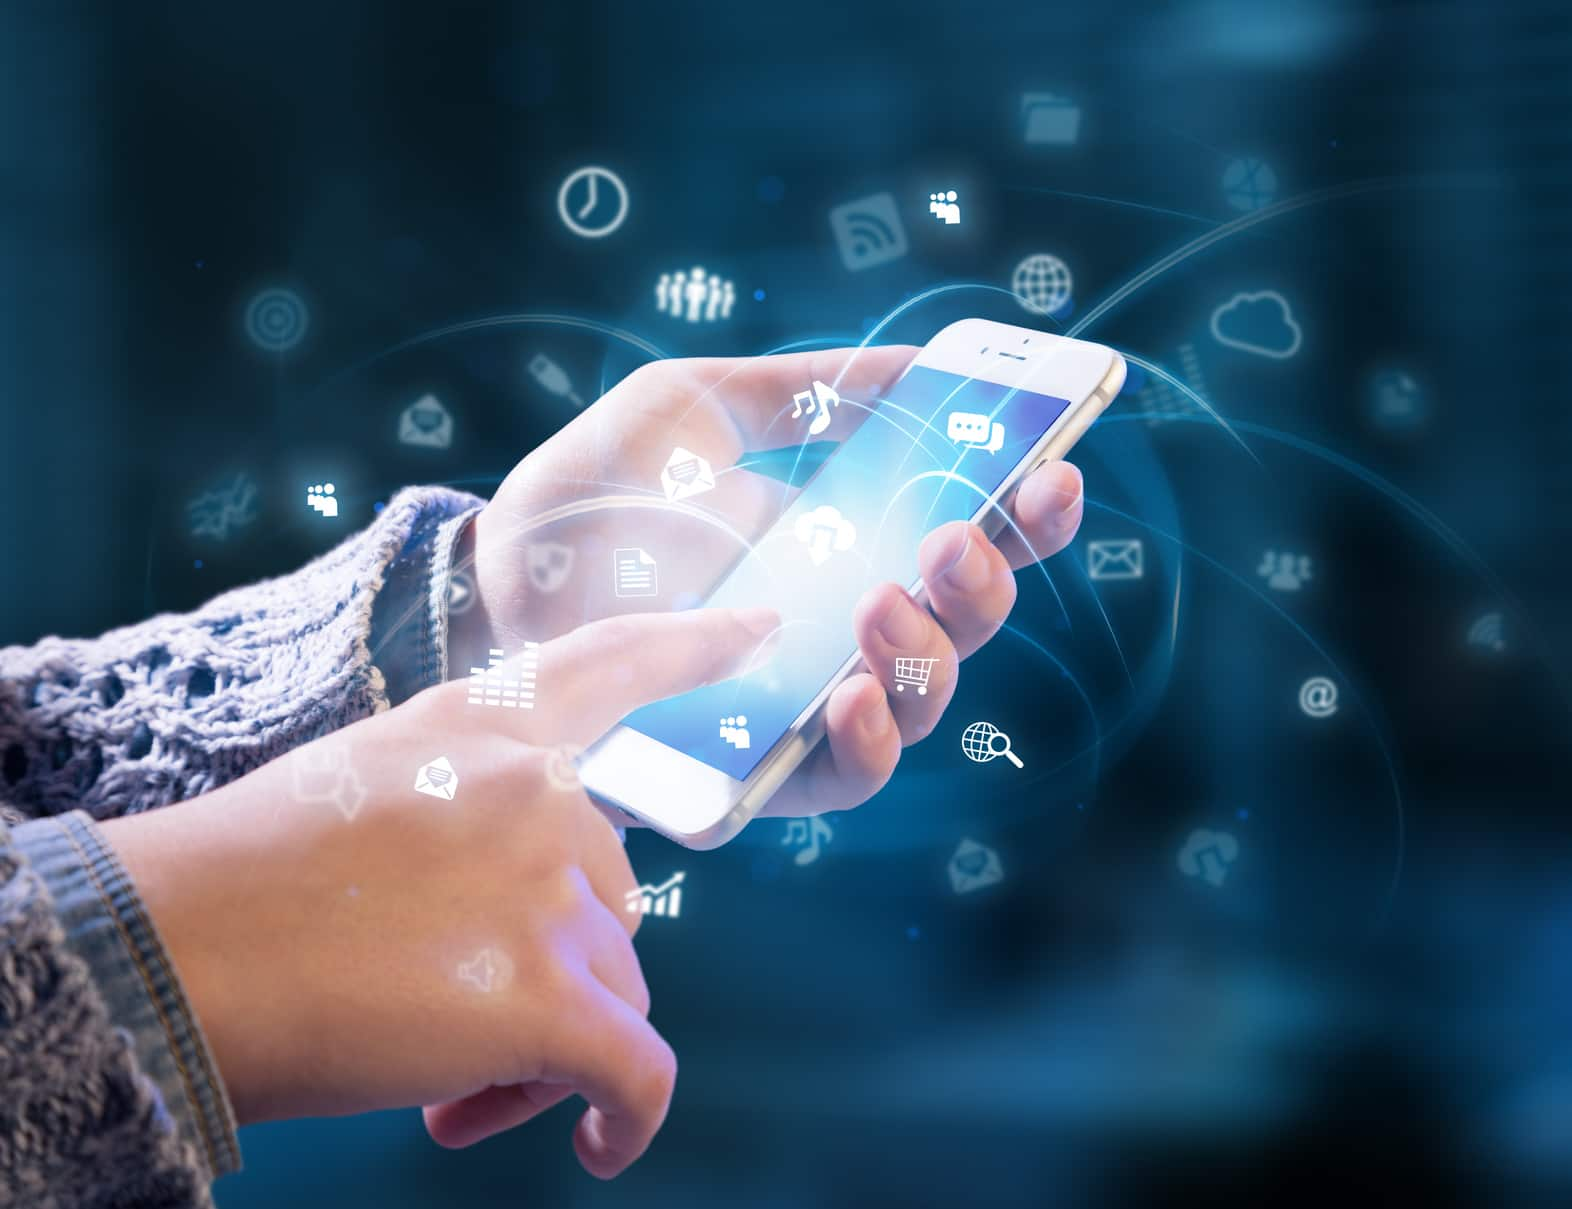 Nowe produkty bankowe w oparciu o otwarte API to przyszłość naszych finansów, sterowana telefonem